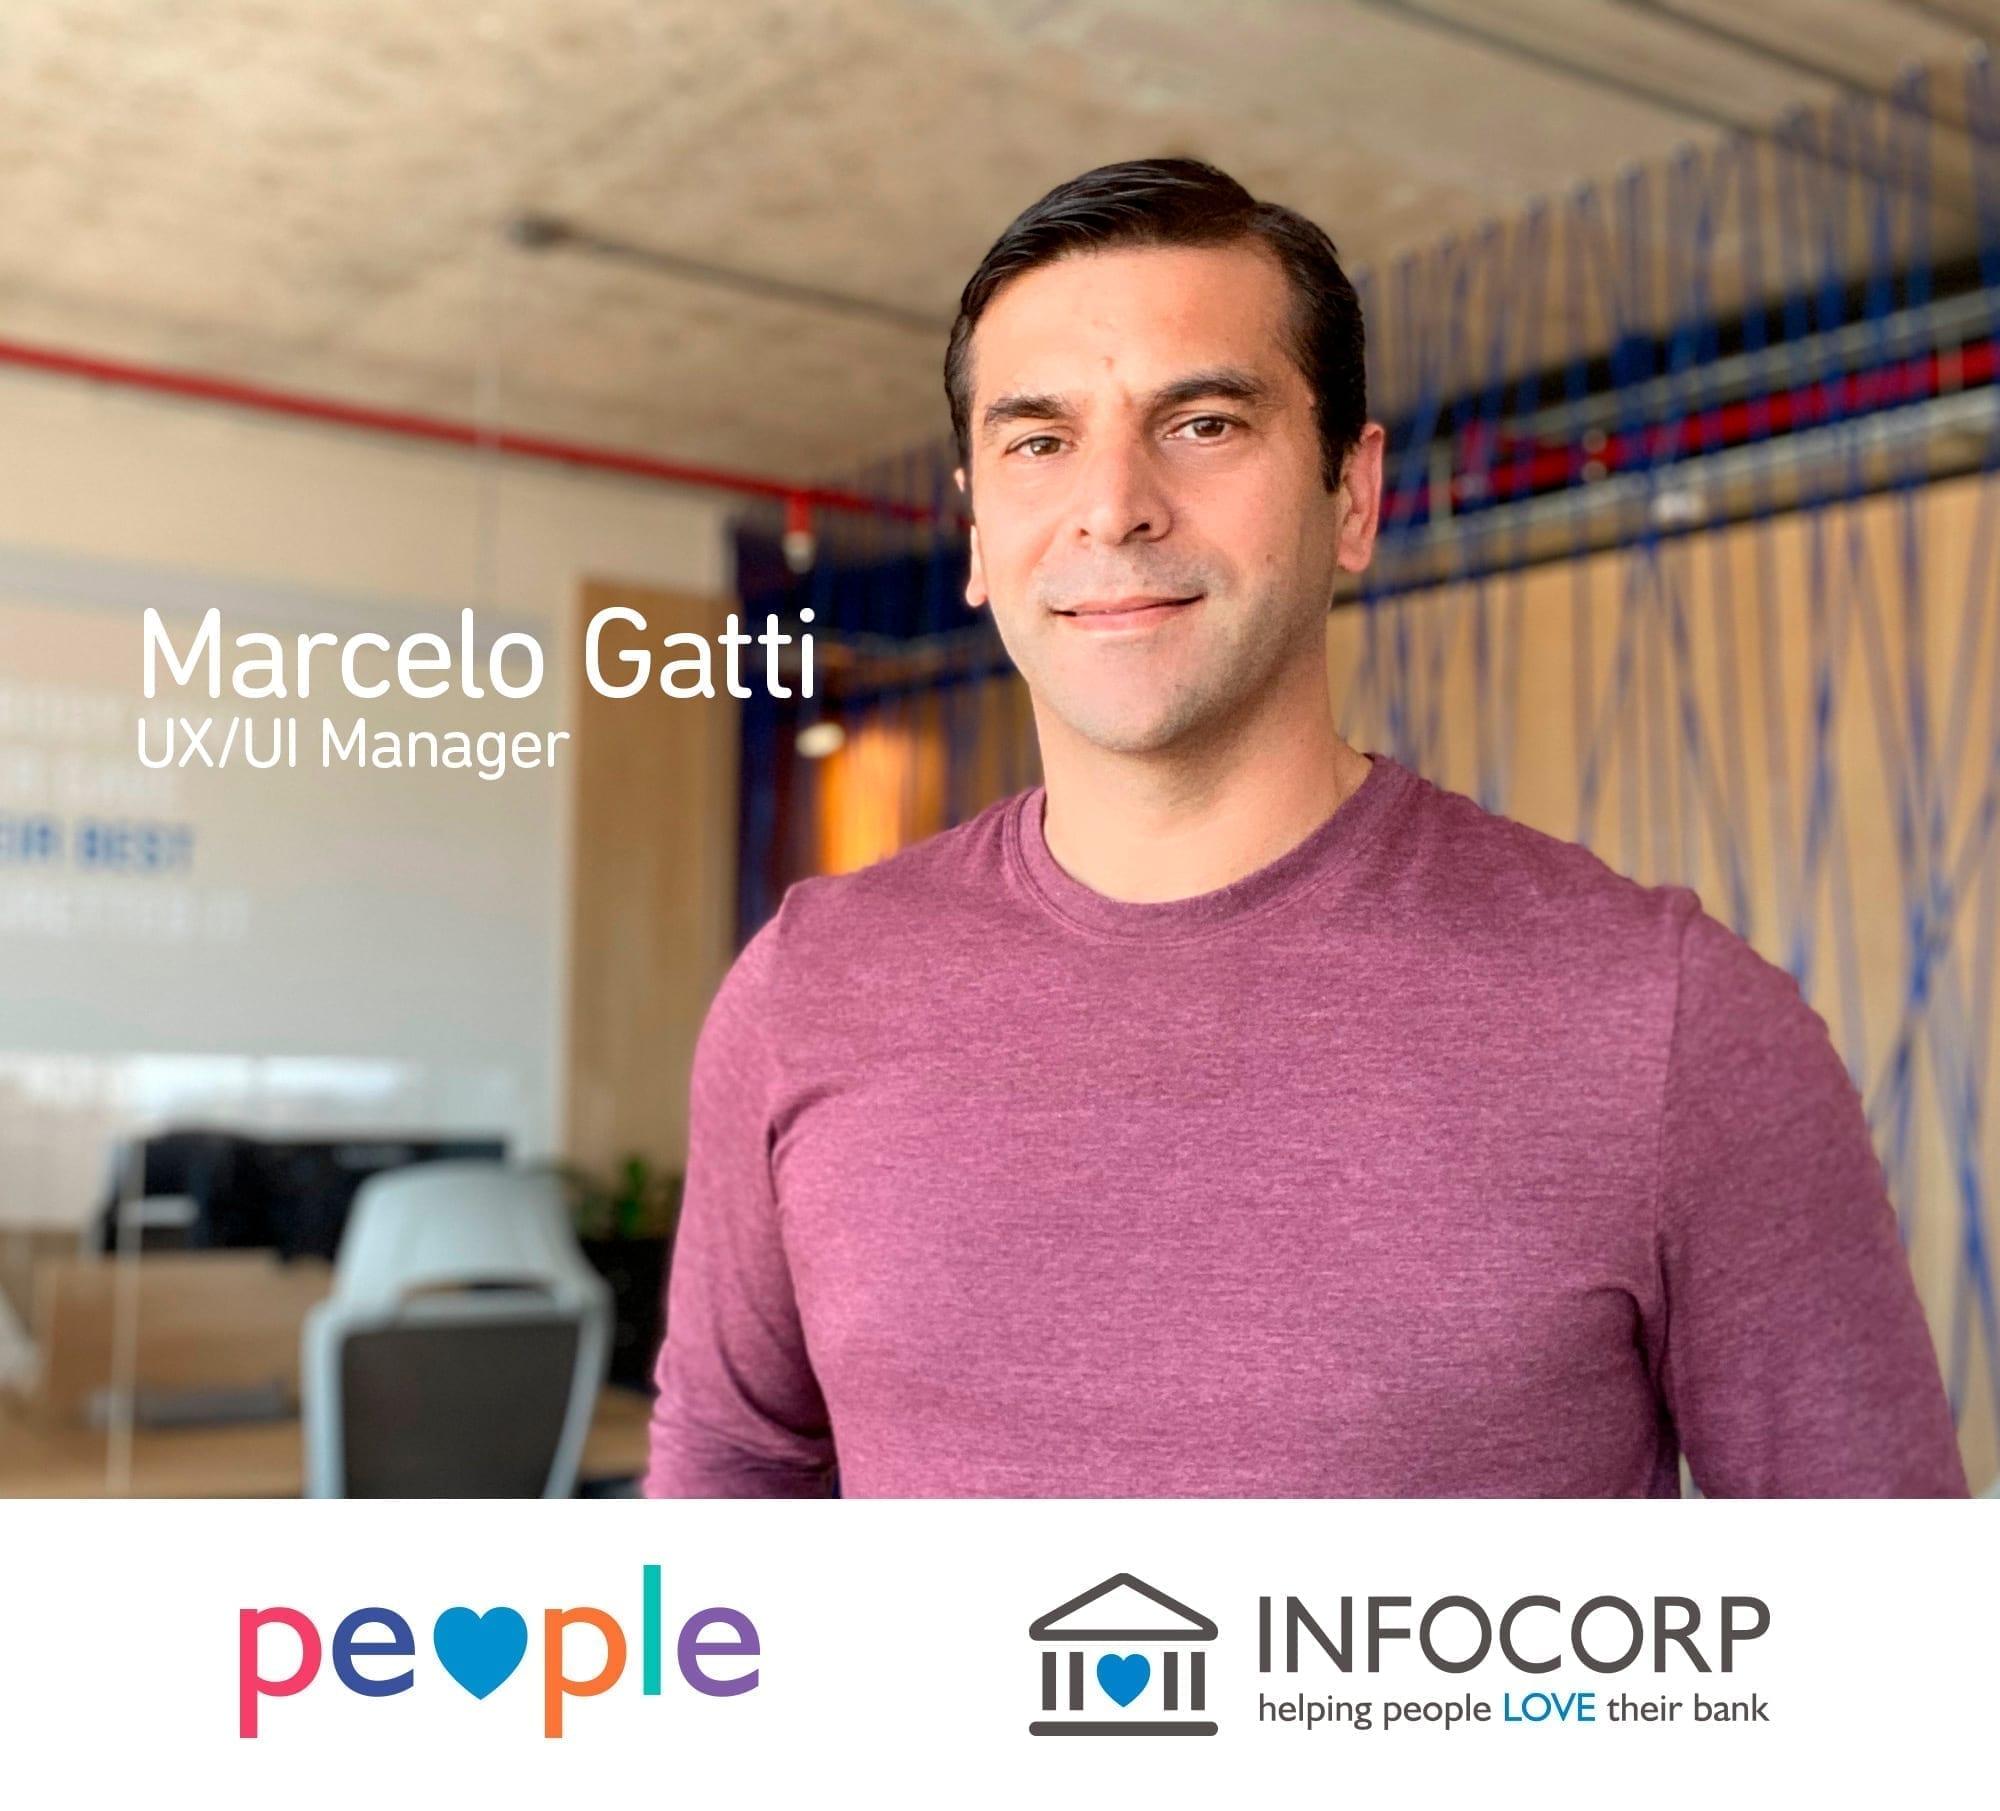 Marcelo Gatti habla sobre UX ¿Querés saber más?